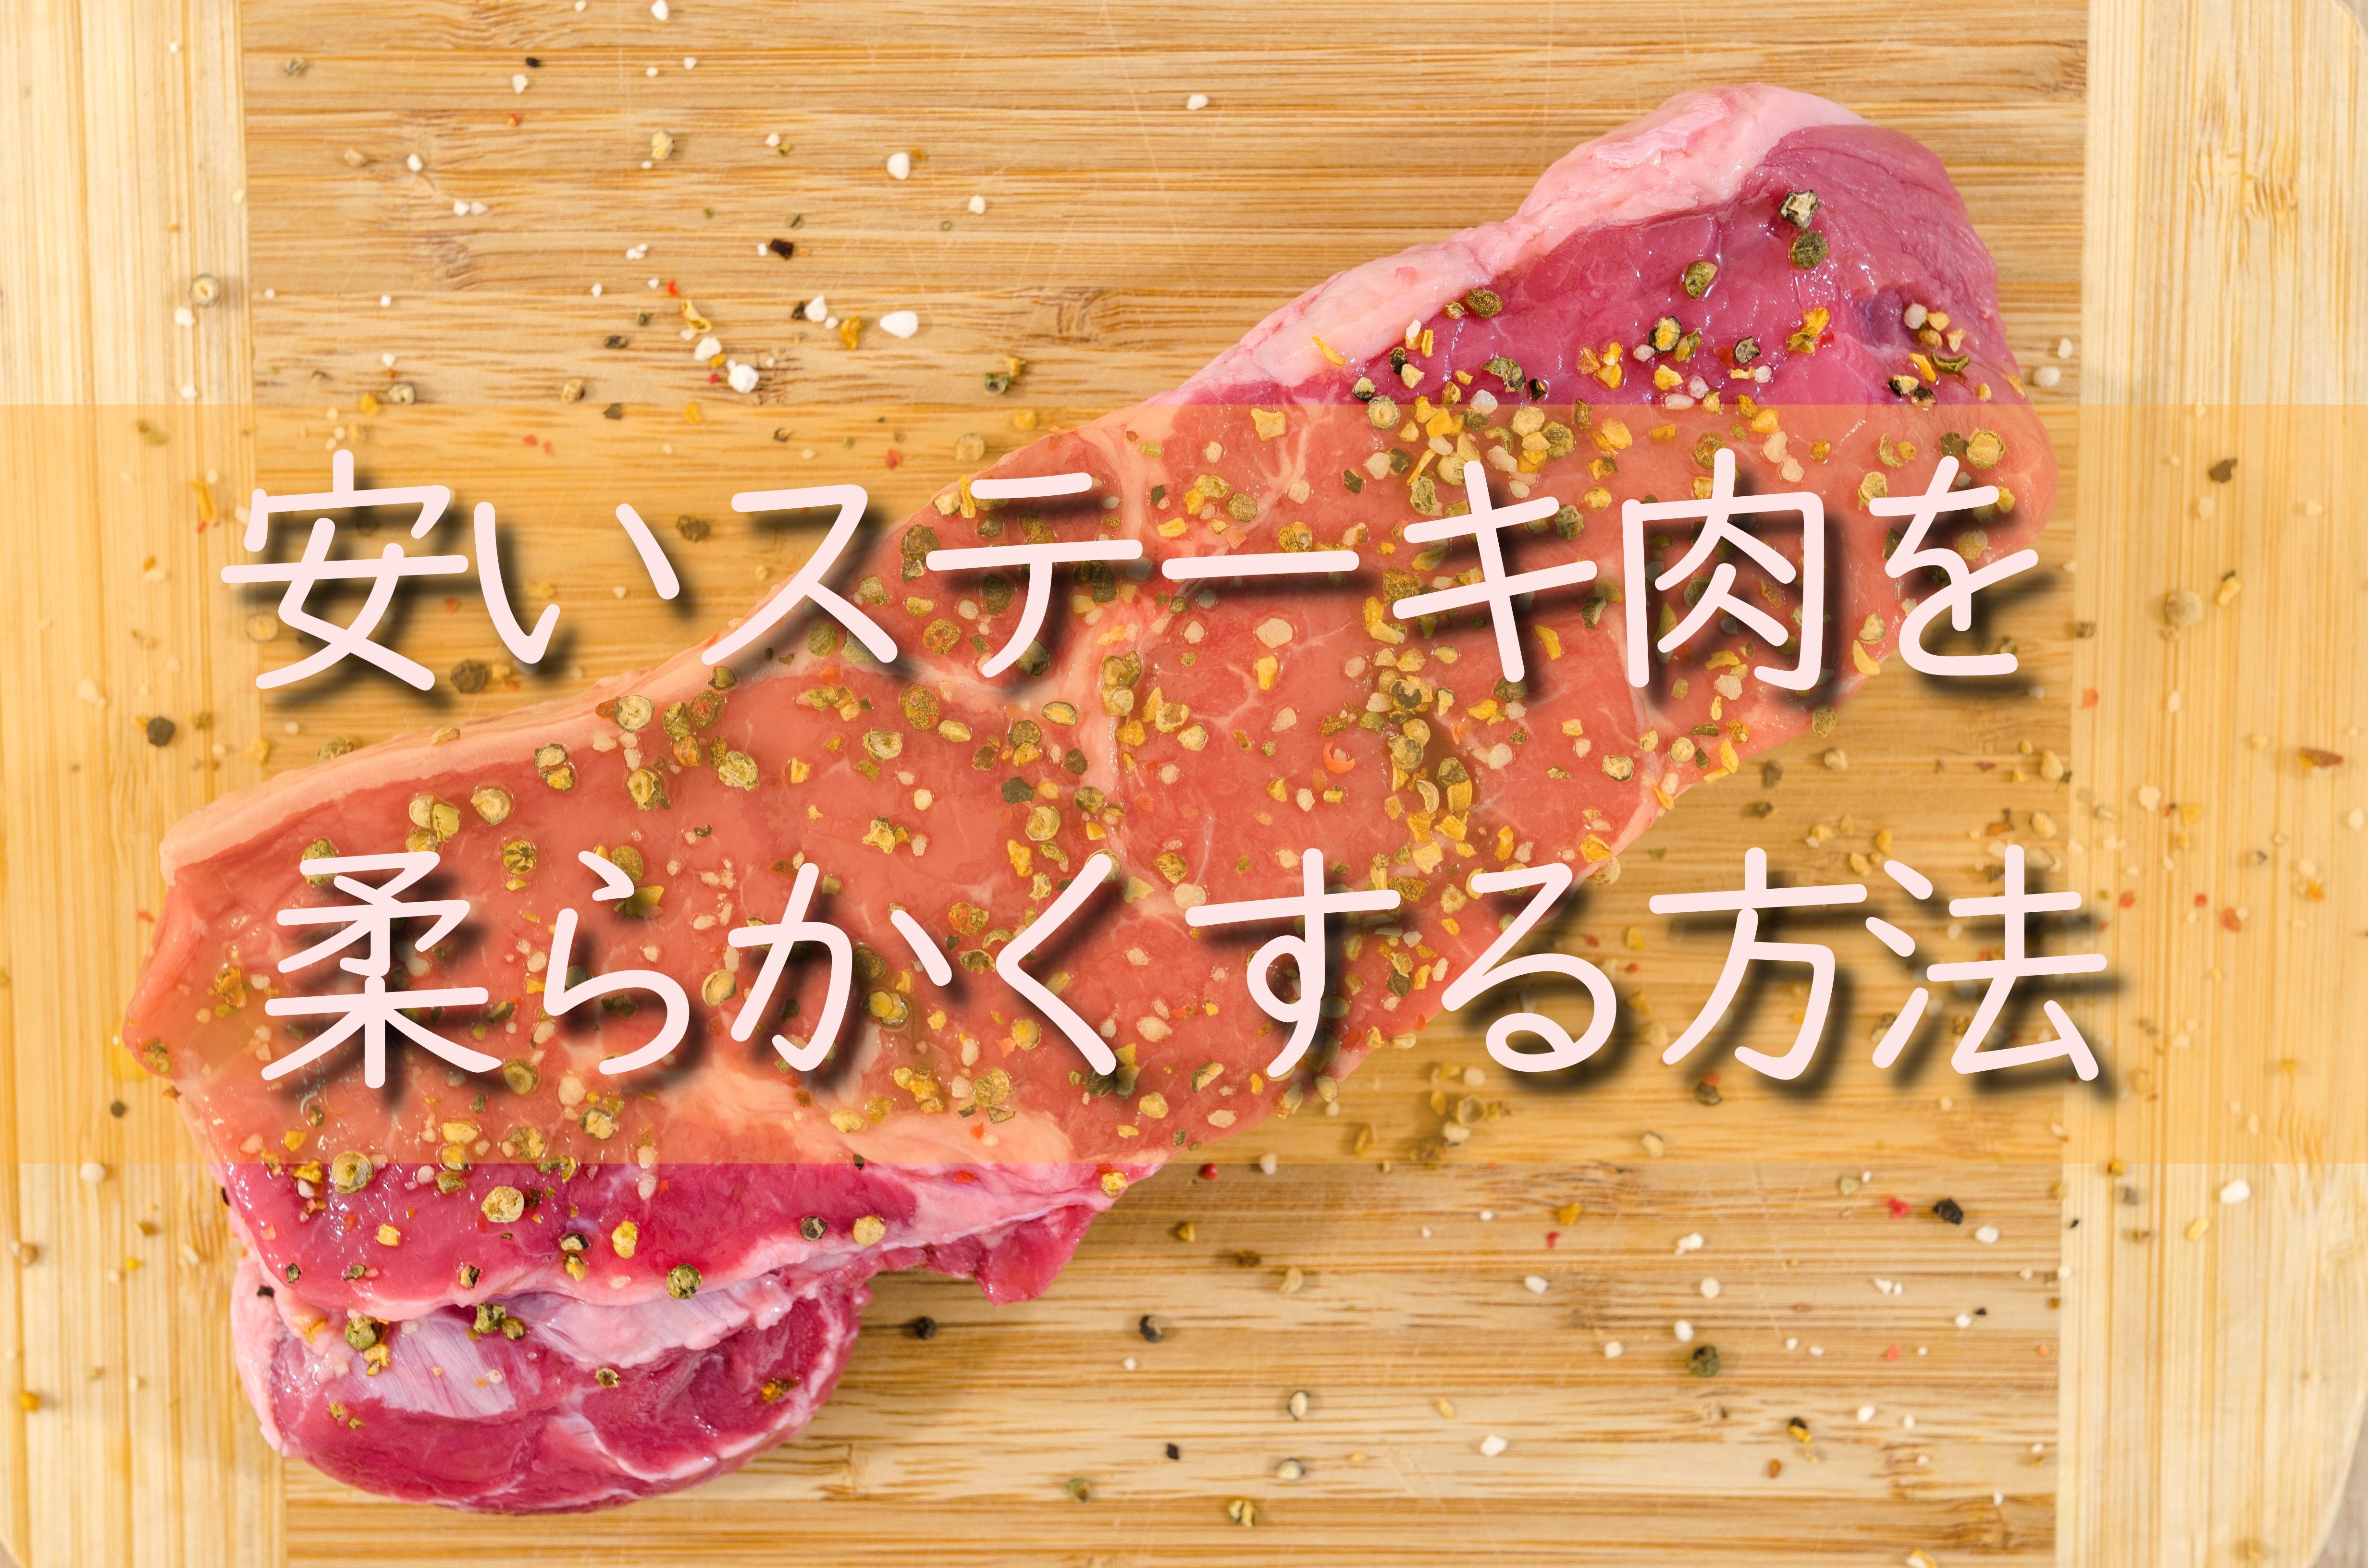 を 柔らかく する 方法 肉